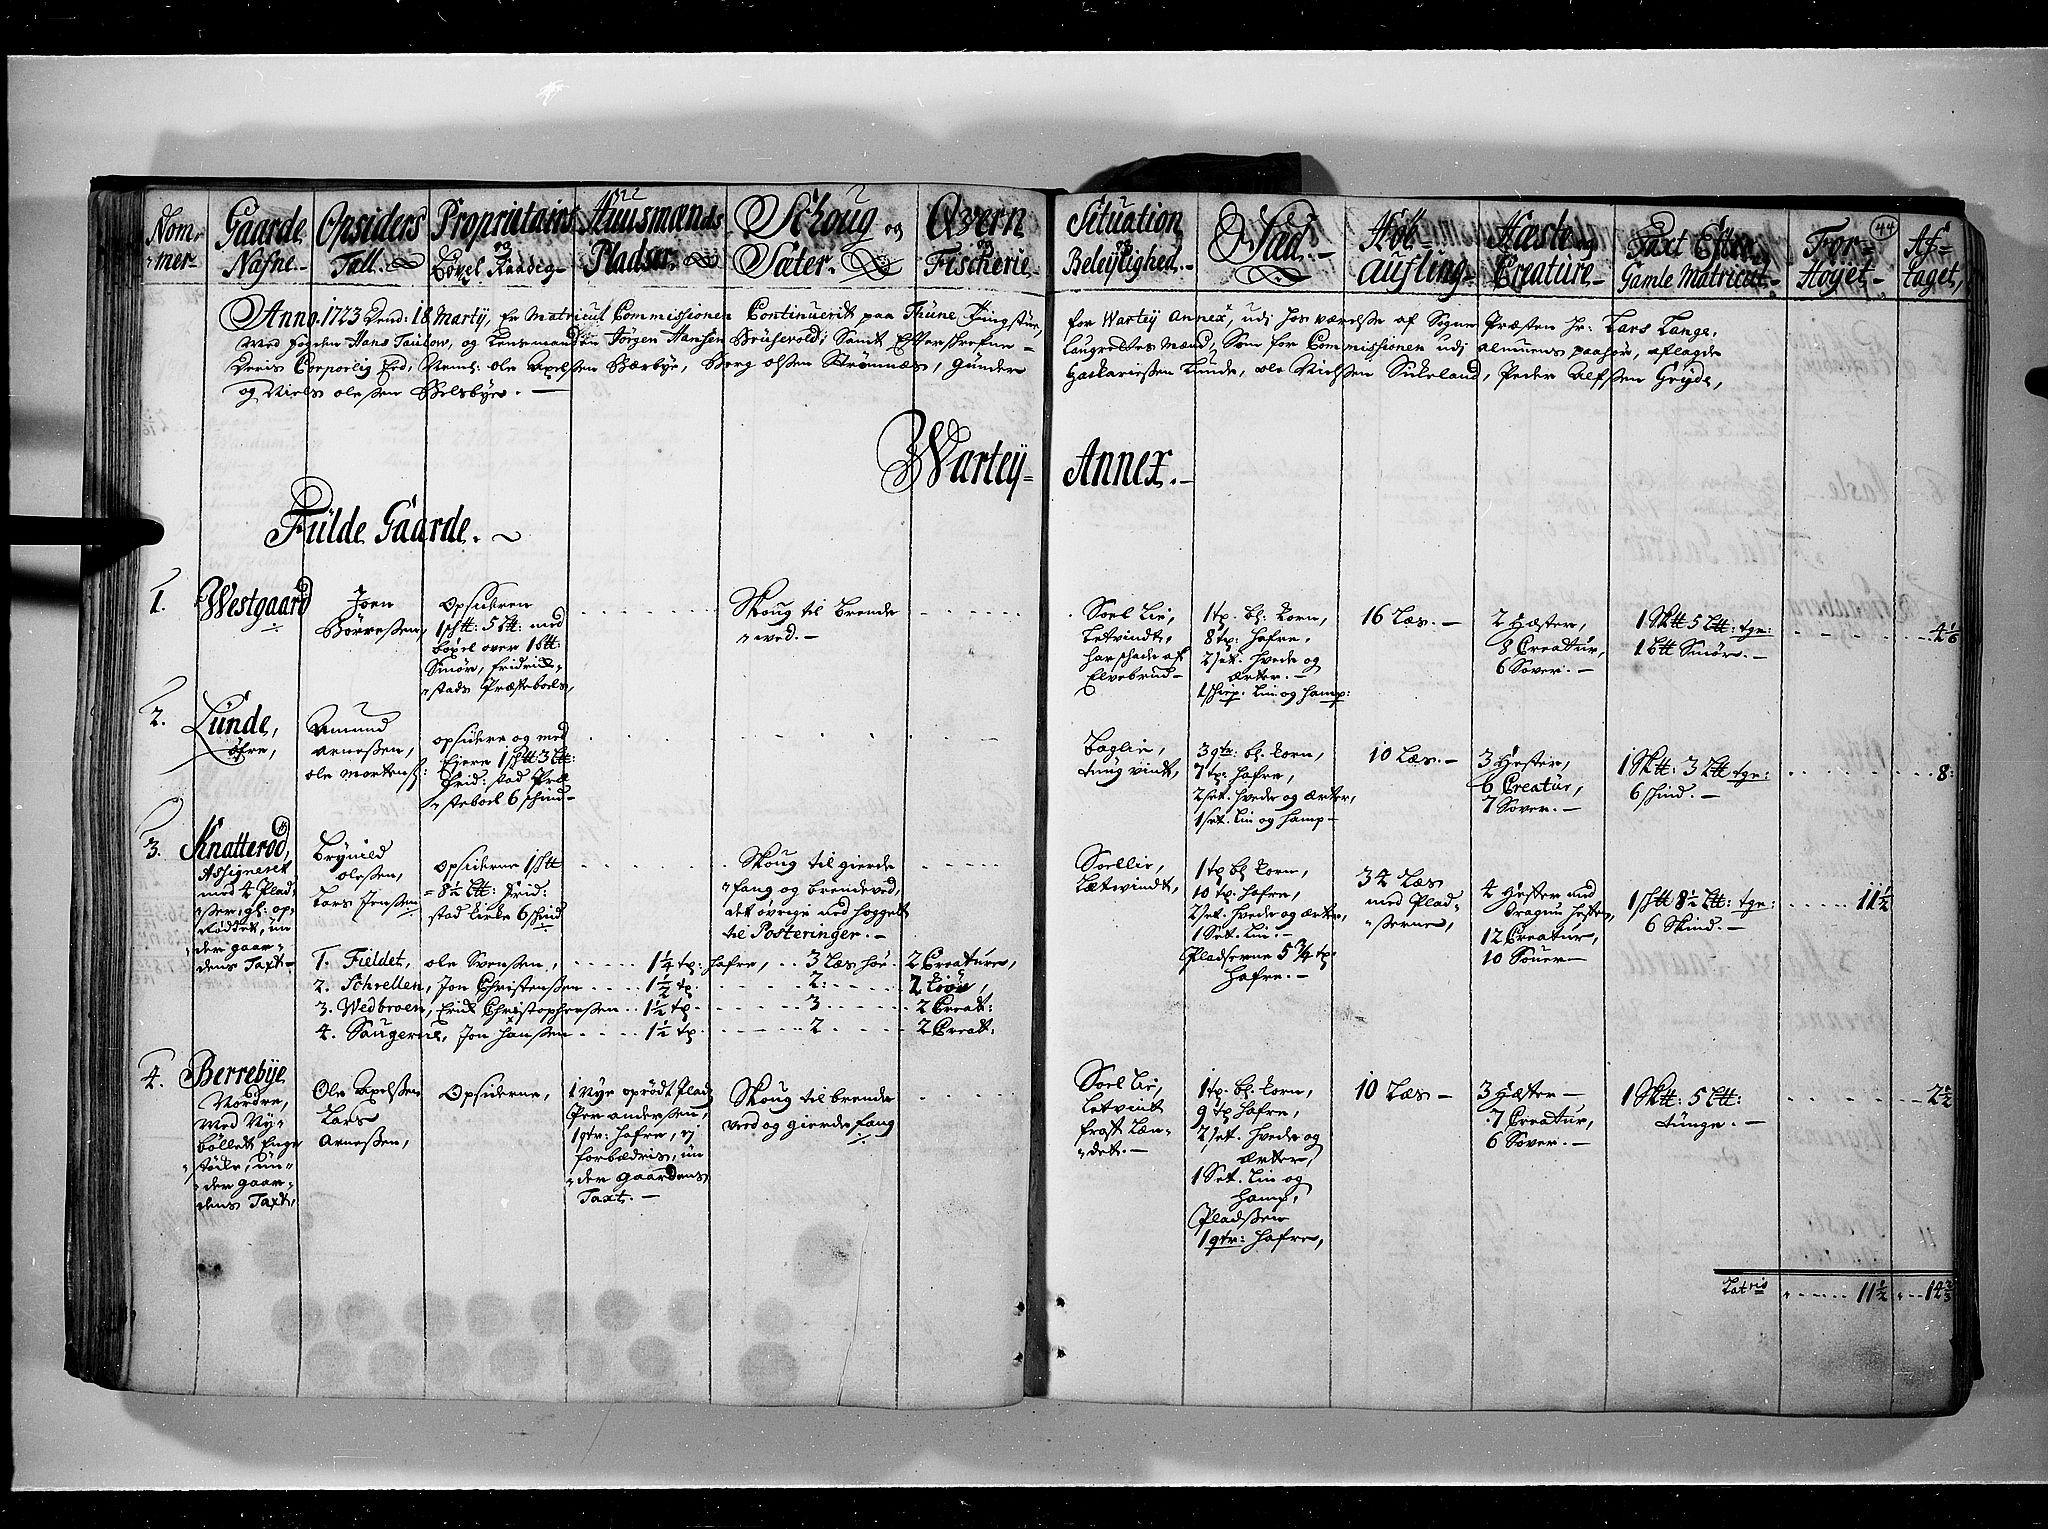 RA, Rentekammeret inntil 1814, Realistisk ordnet avdeling, N/Nb/Nbf/L0095: Moss, Onsøy, Tune og Veme eksaminasjonsprotokoll, 1723, s. 43b-44a